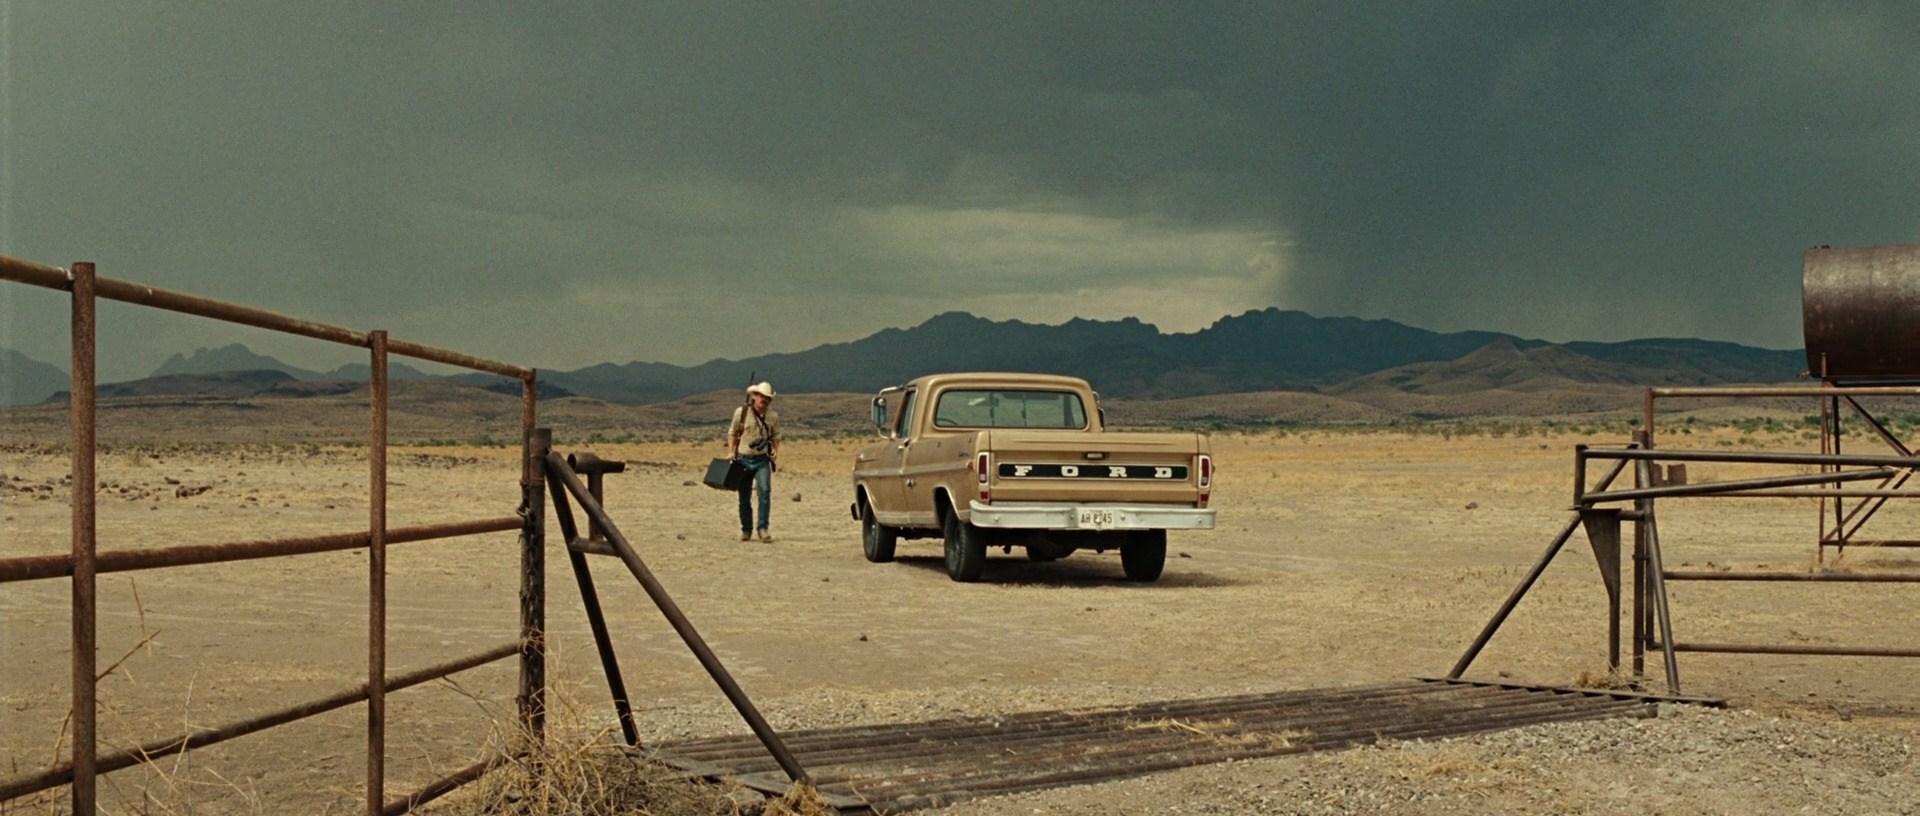 no-country-for-old-men-movie-screencaps.com-1400.jpg